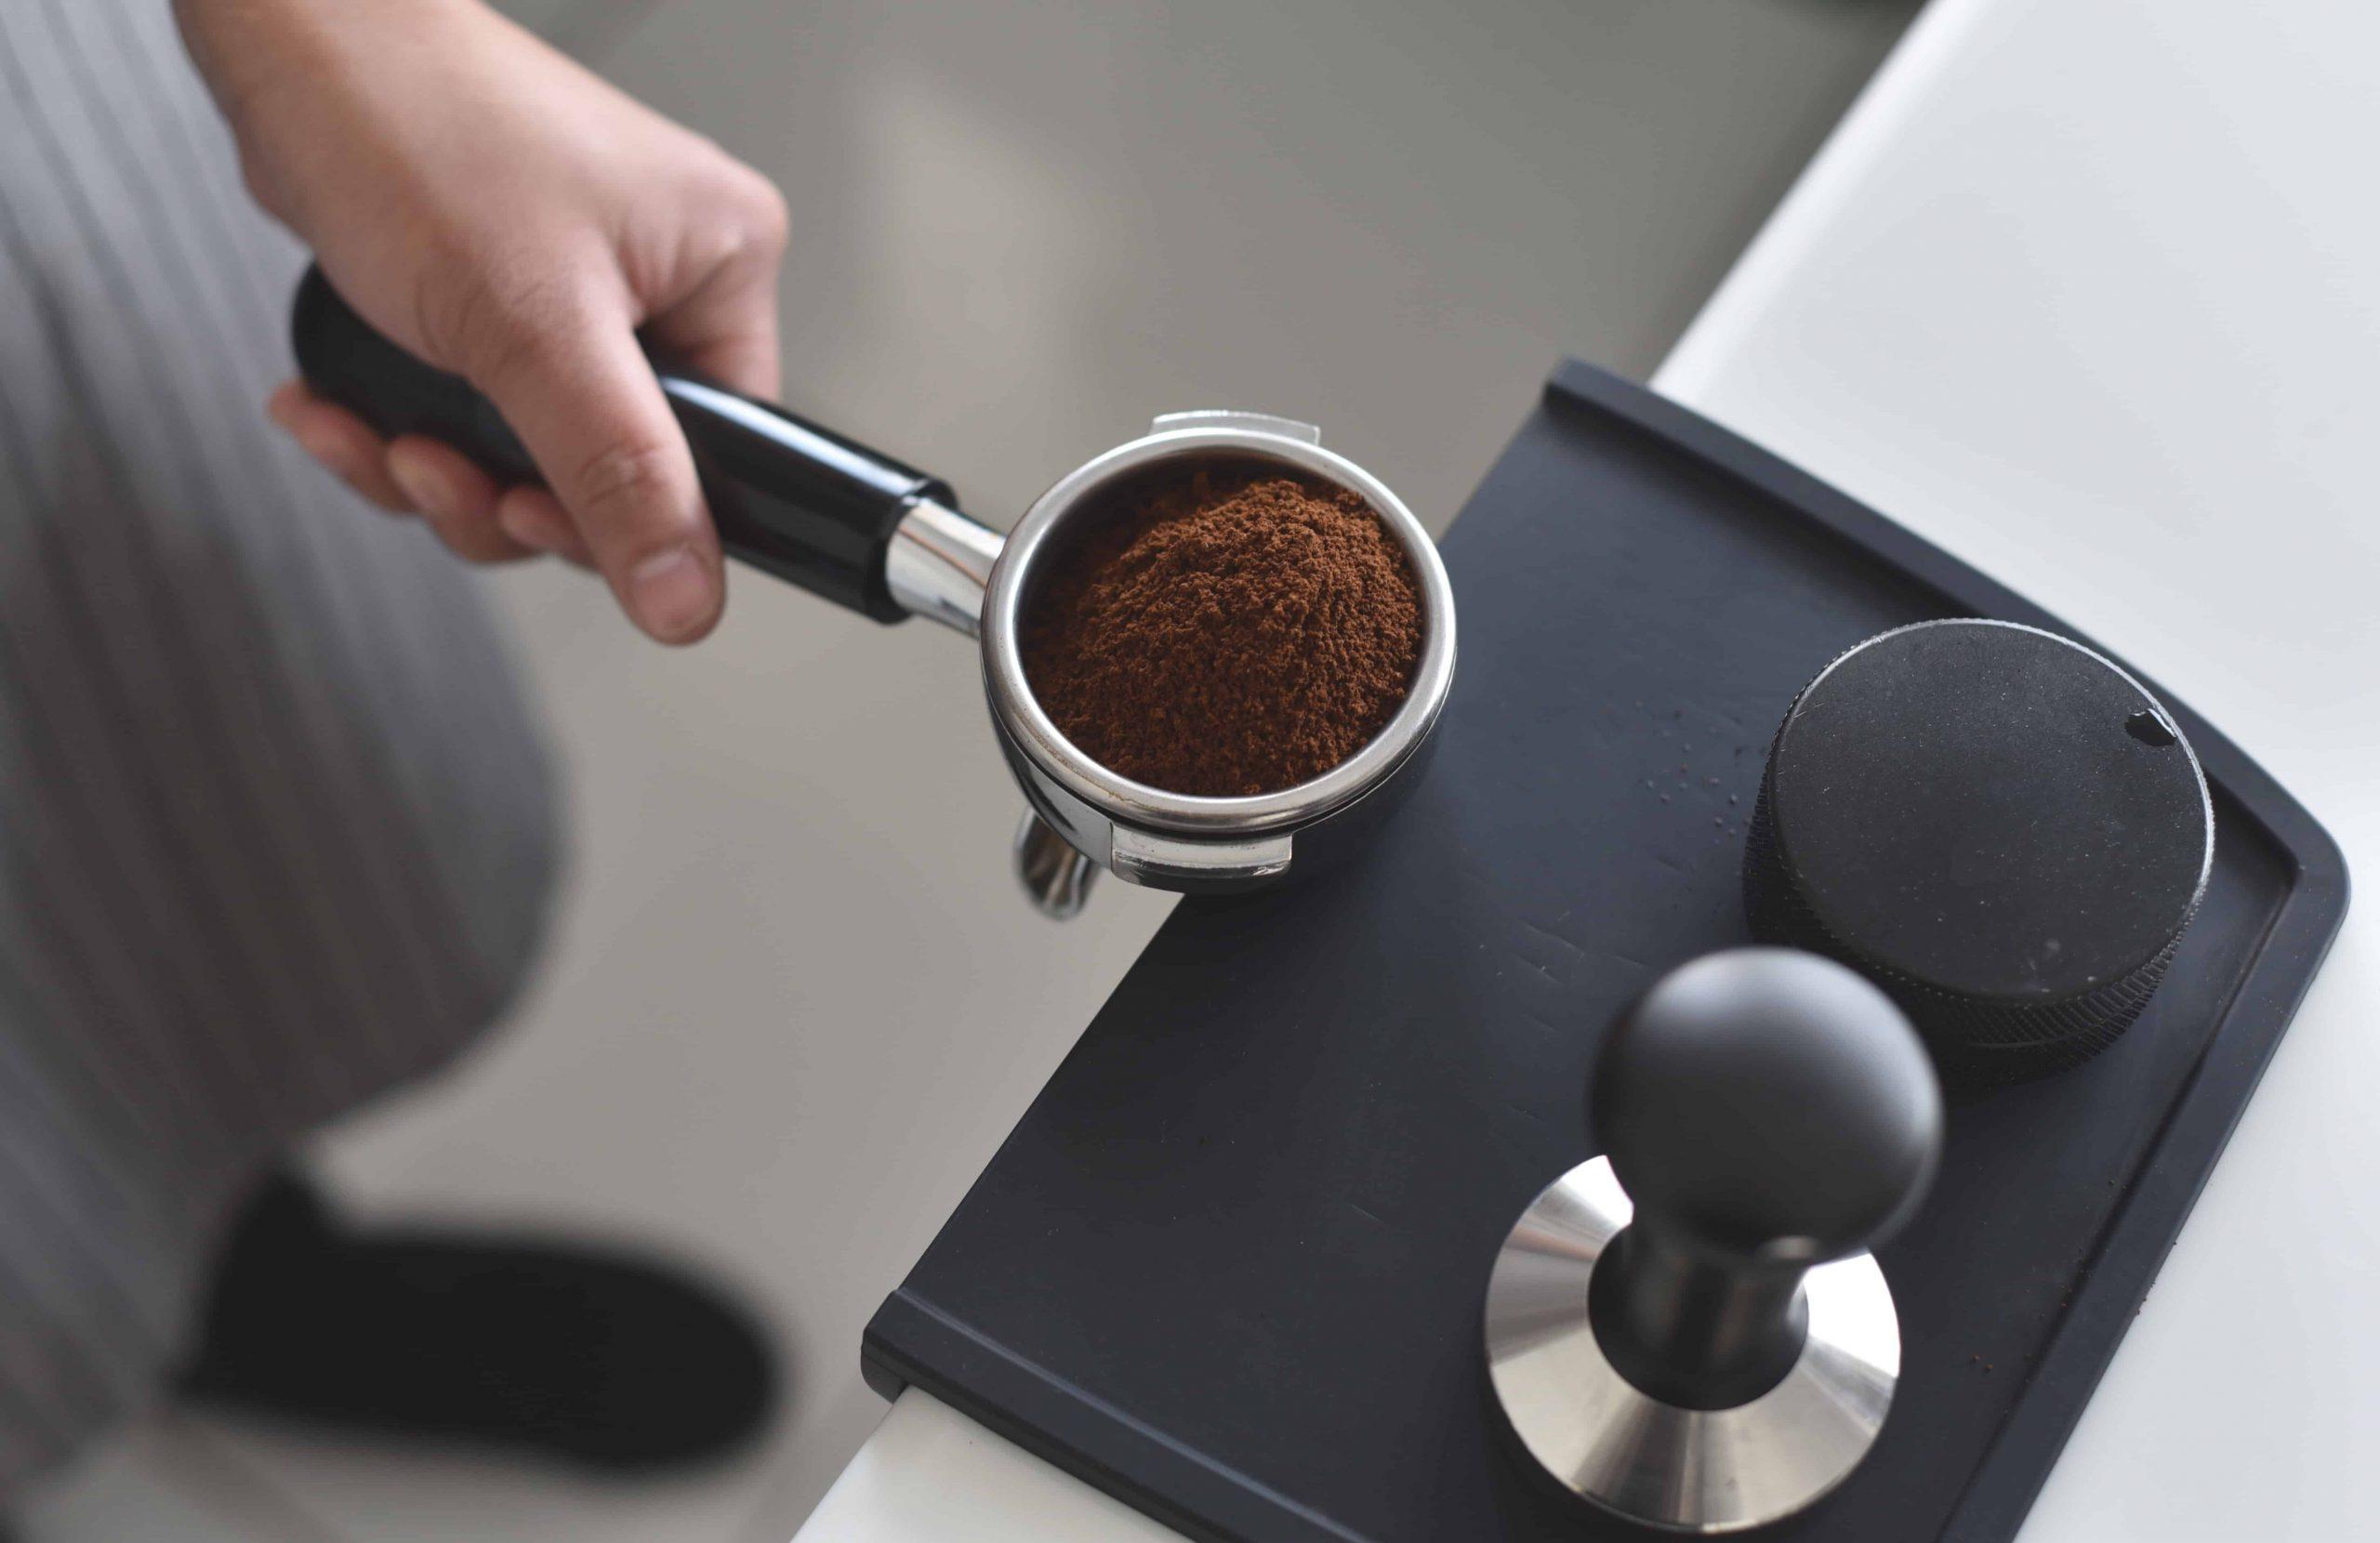 Der richtige Mahlgrad für guten Kaffee